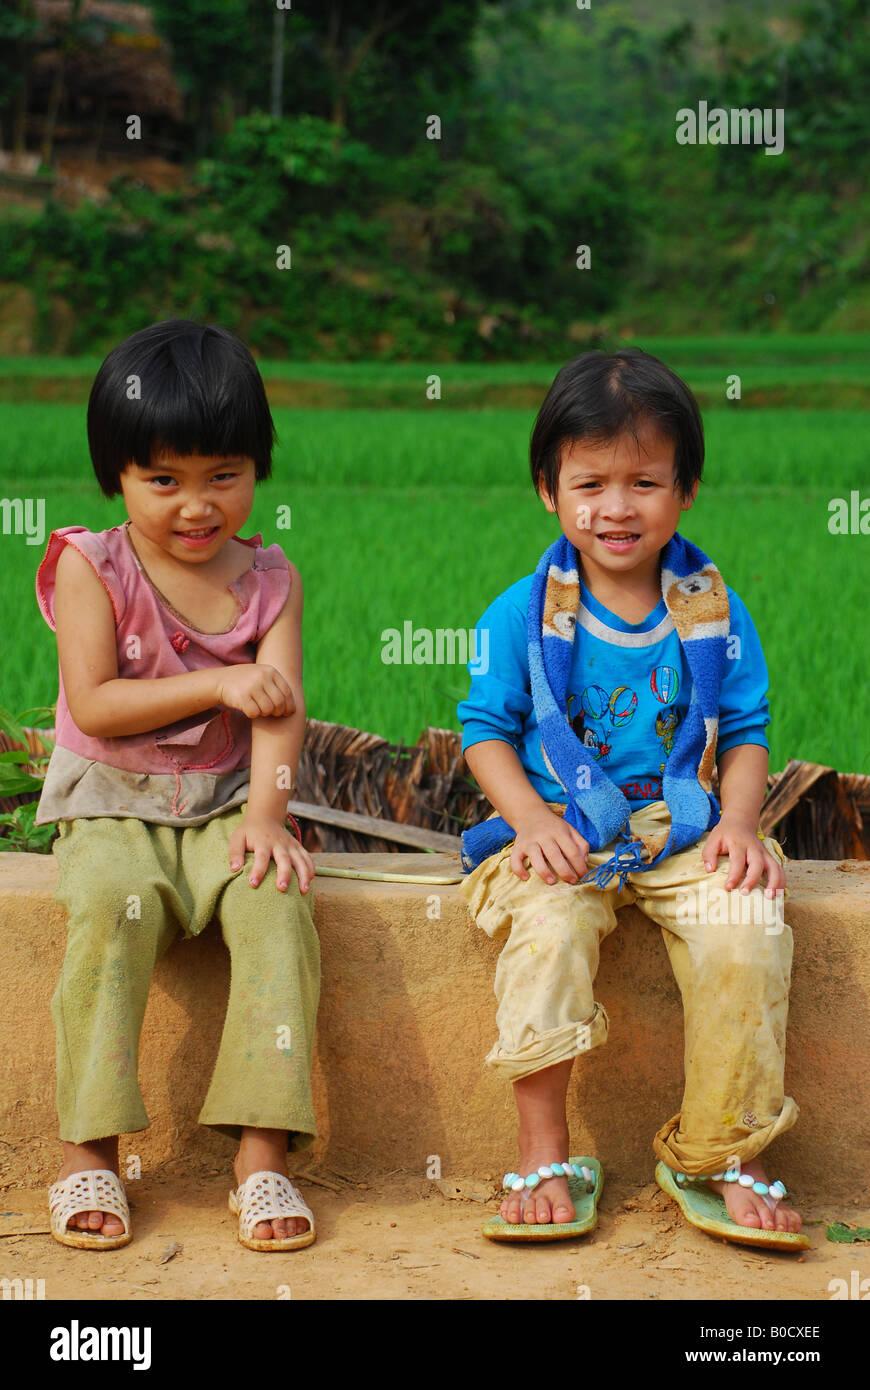 Deux enfants vietnamiens du Nord timide de l'appareil photo Photo Stock